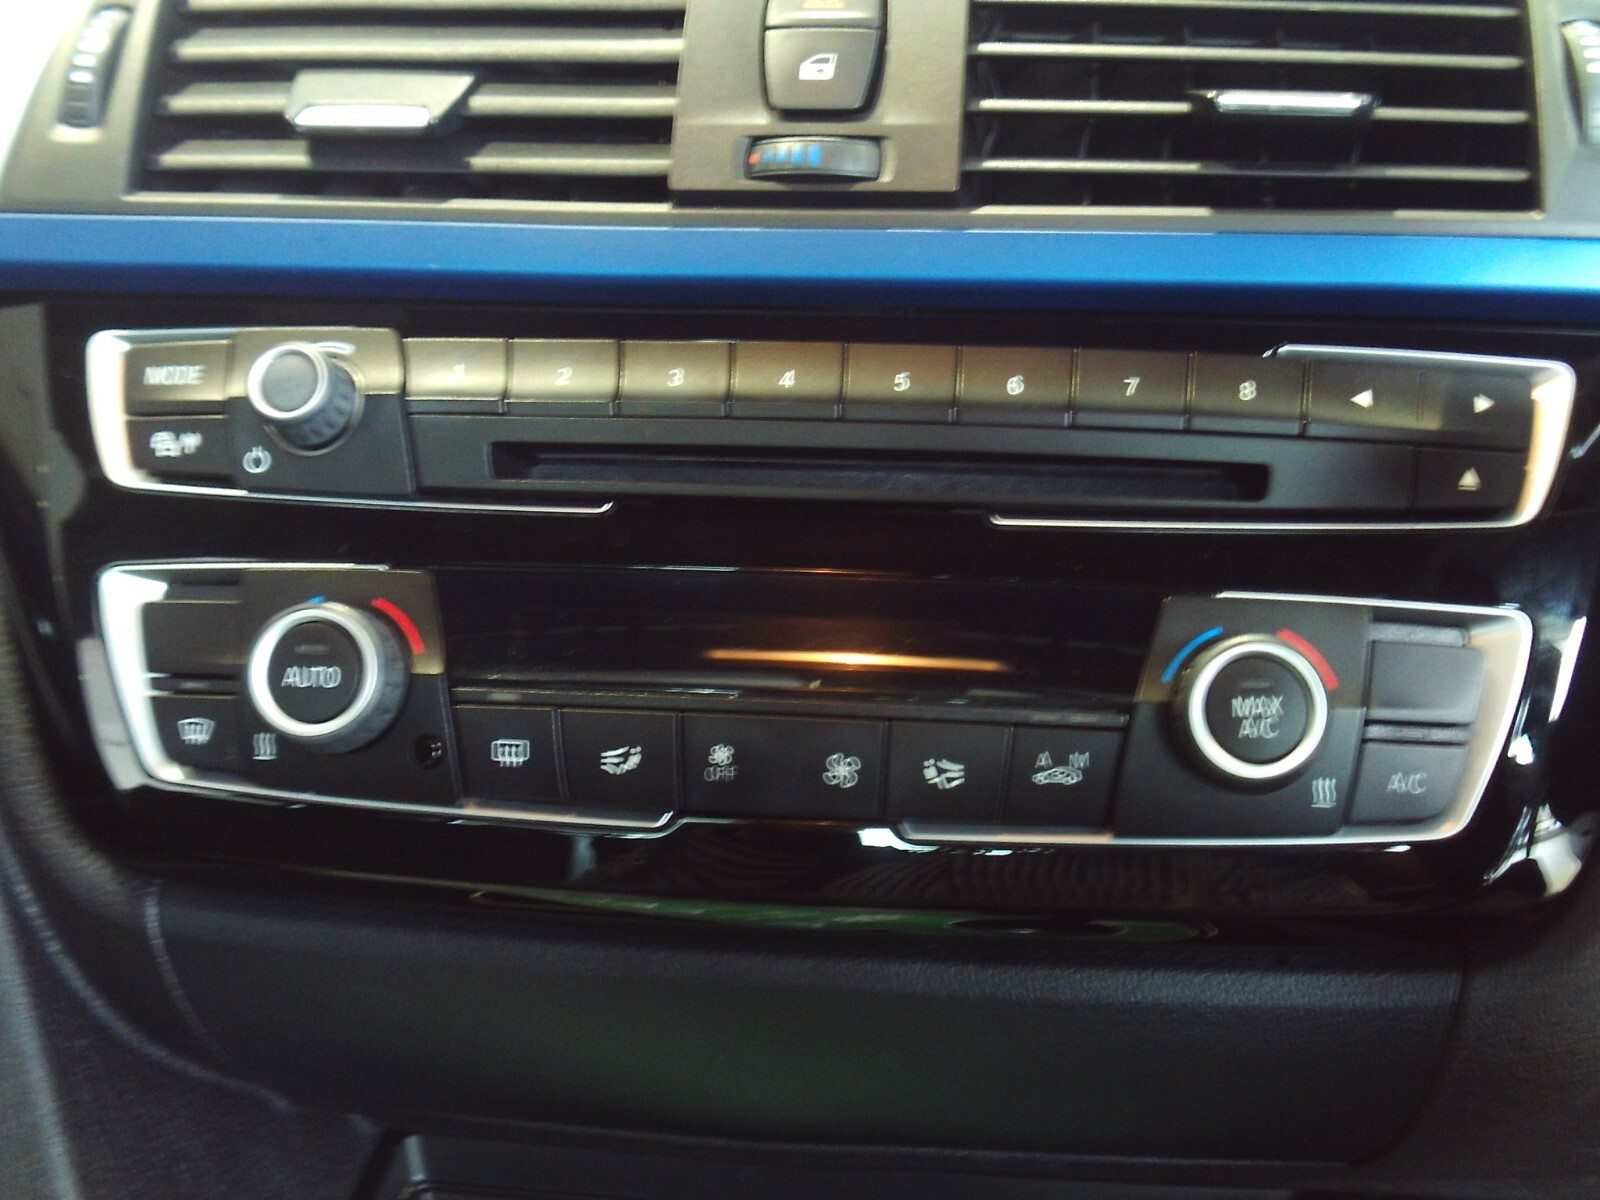 BMW 318i M SPORT A/T (F30) Roodepoort 13335162